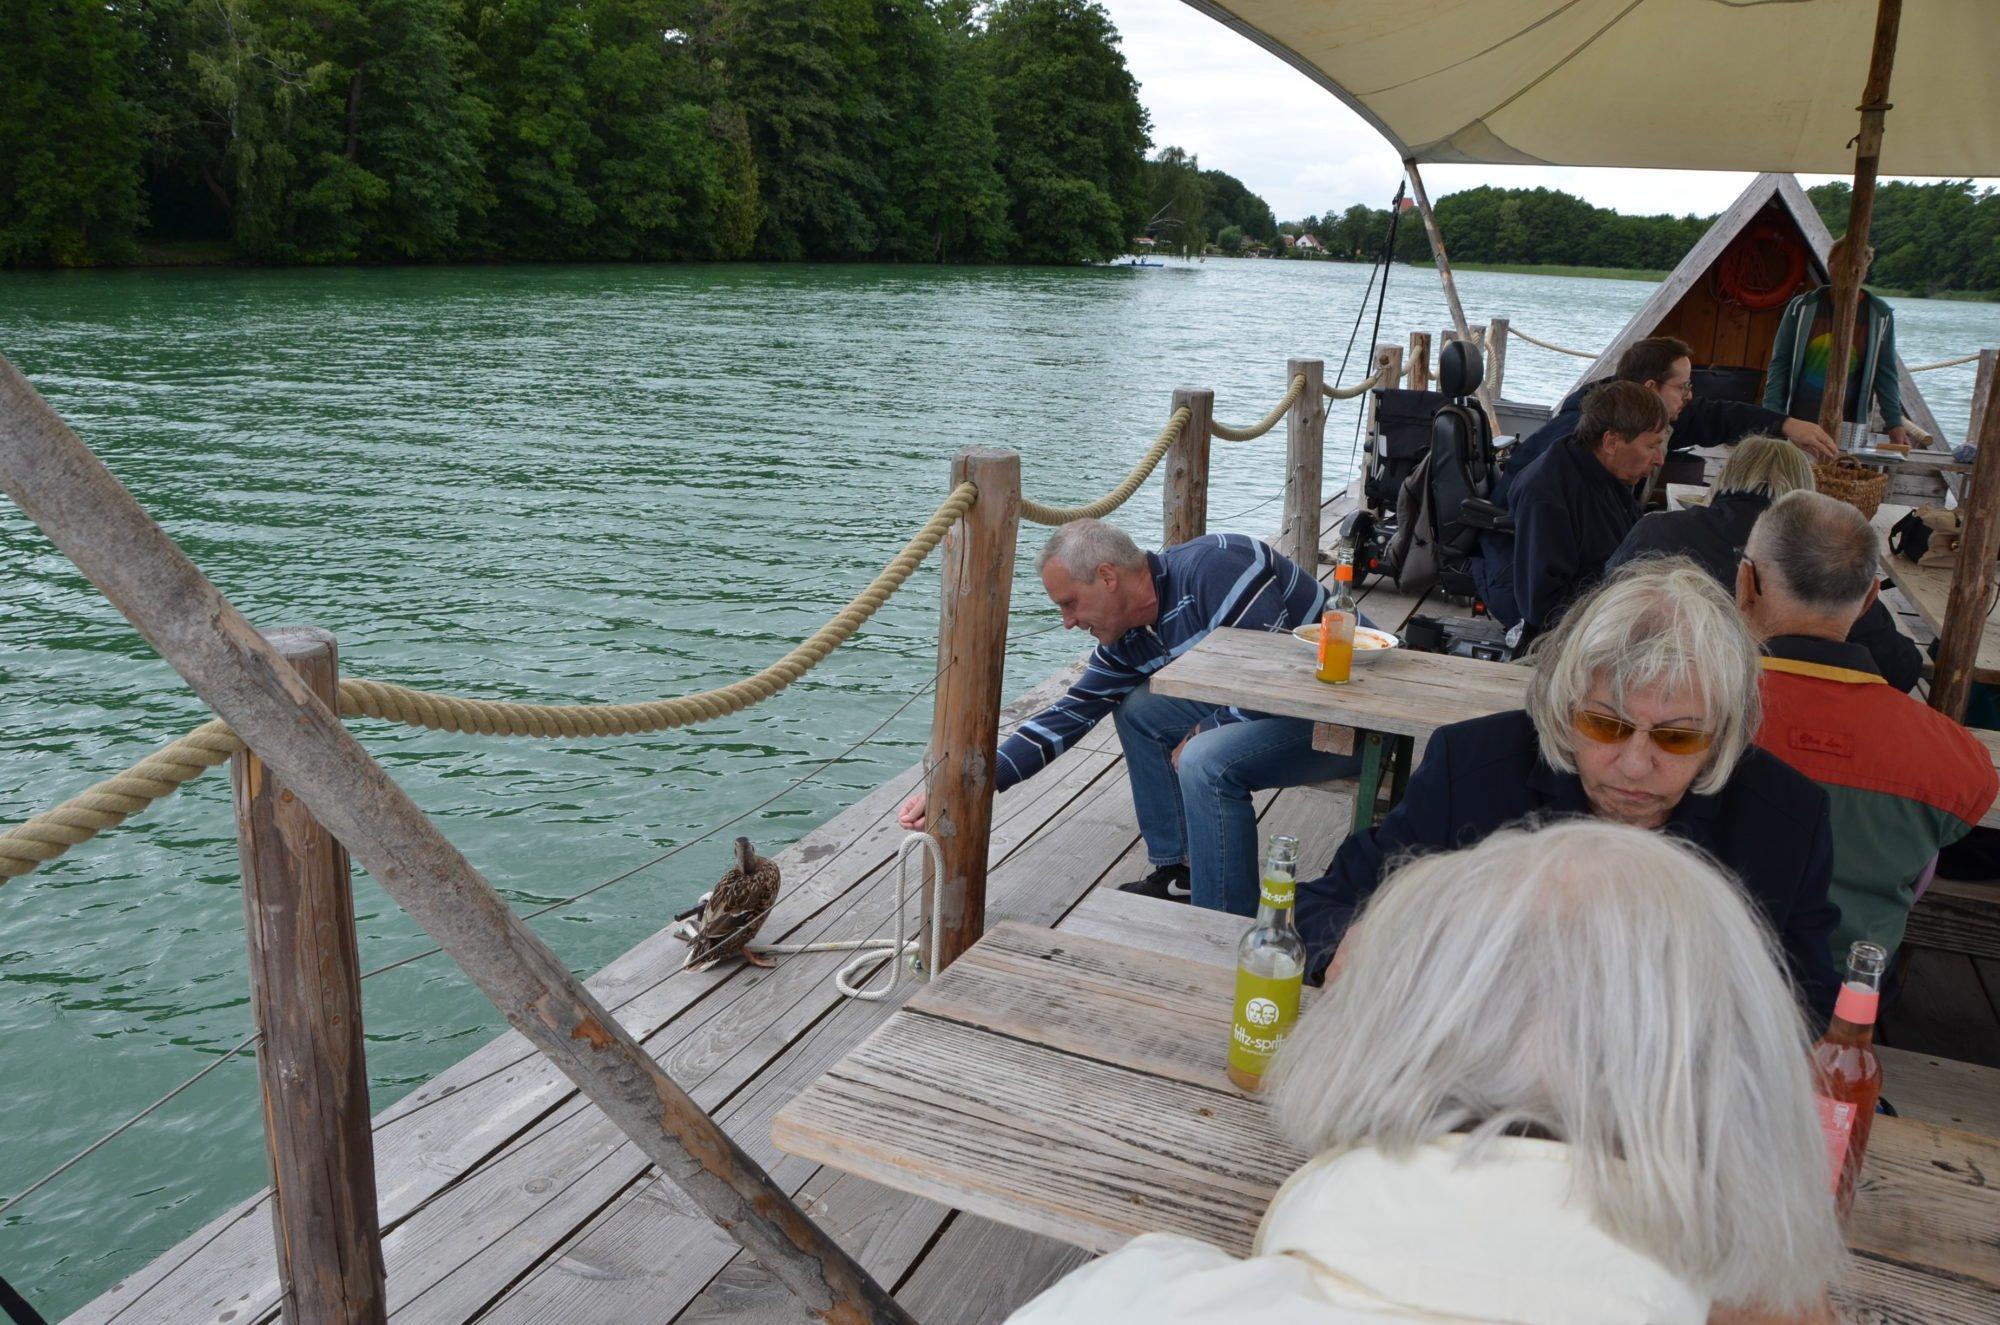 Busfahrer John füttert eine Ente, die auf das Floß gekommen ist.